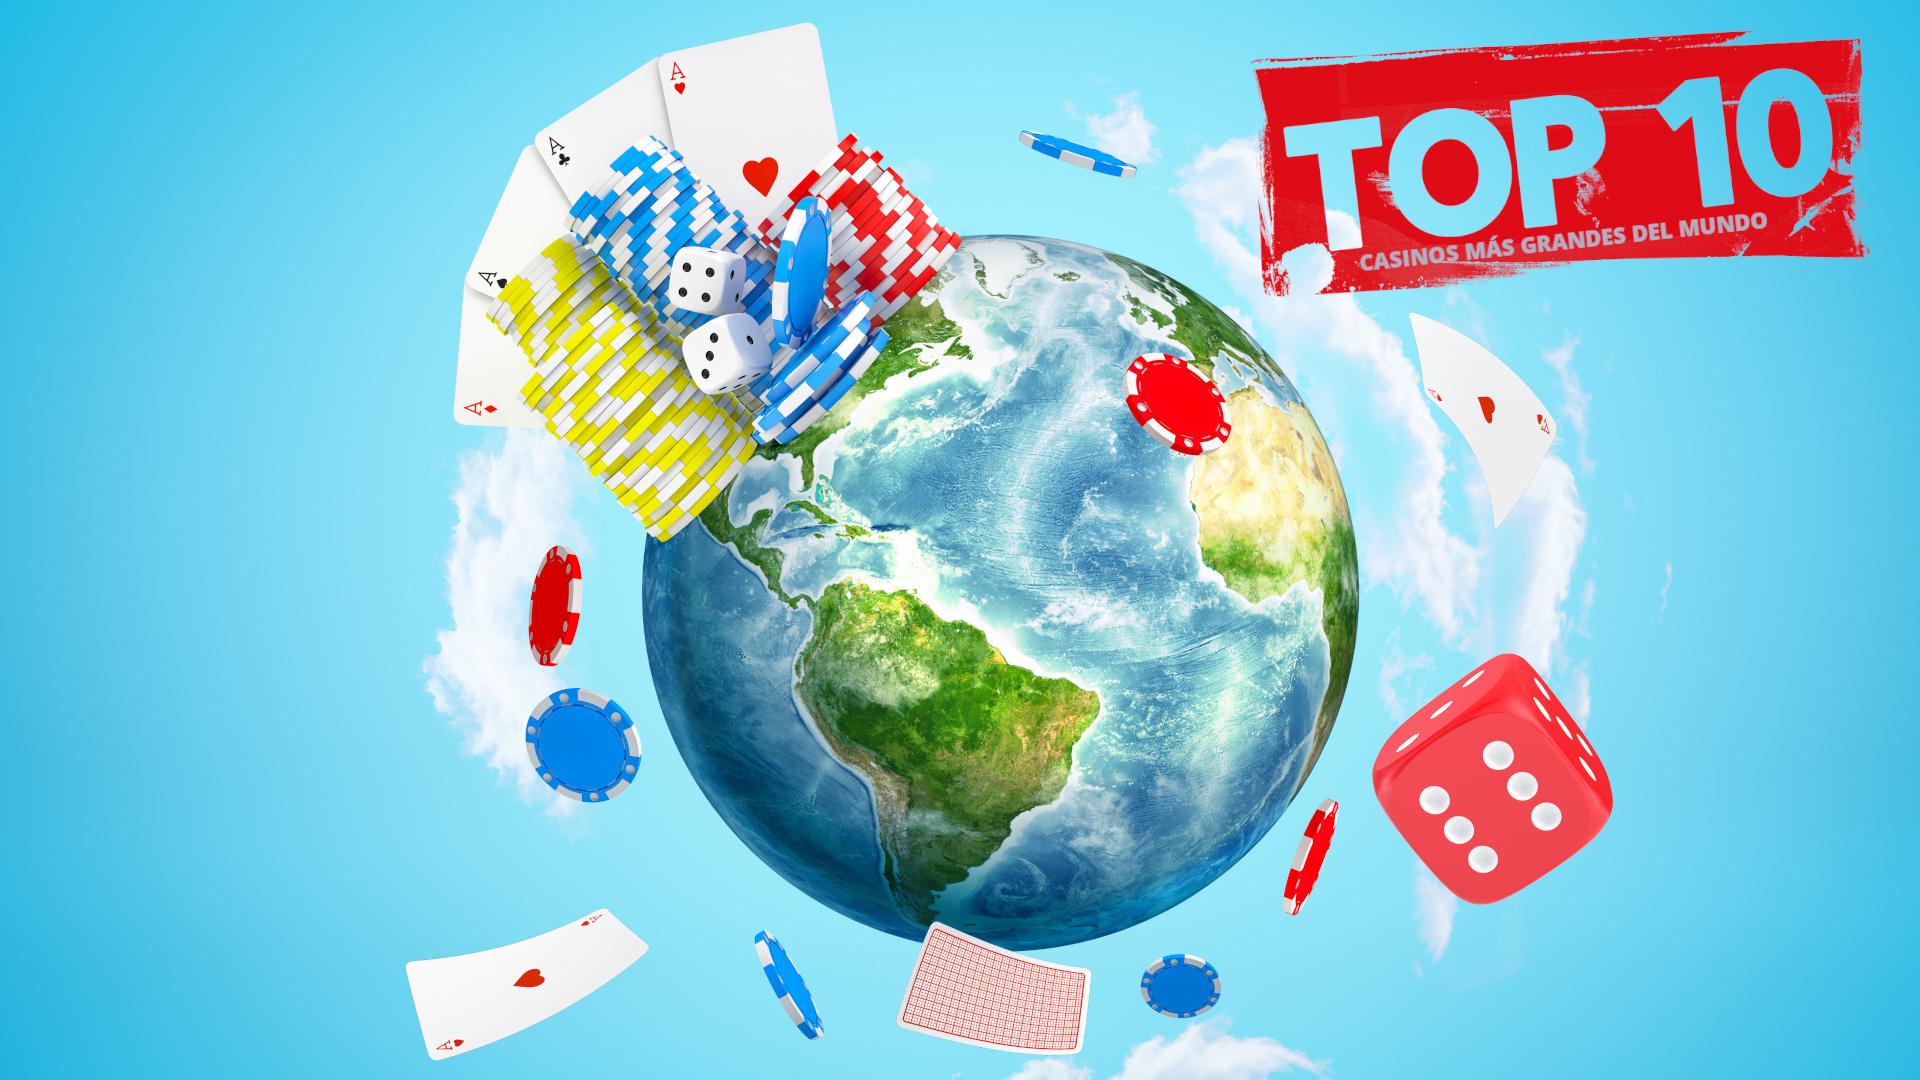 TOP 10 Casinos más grandes del mundo